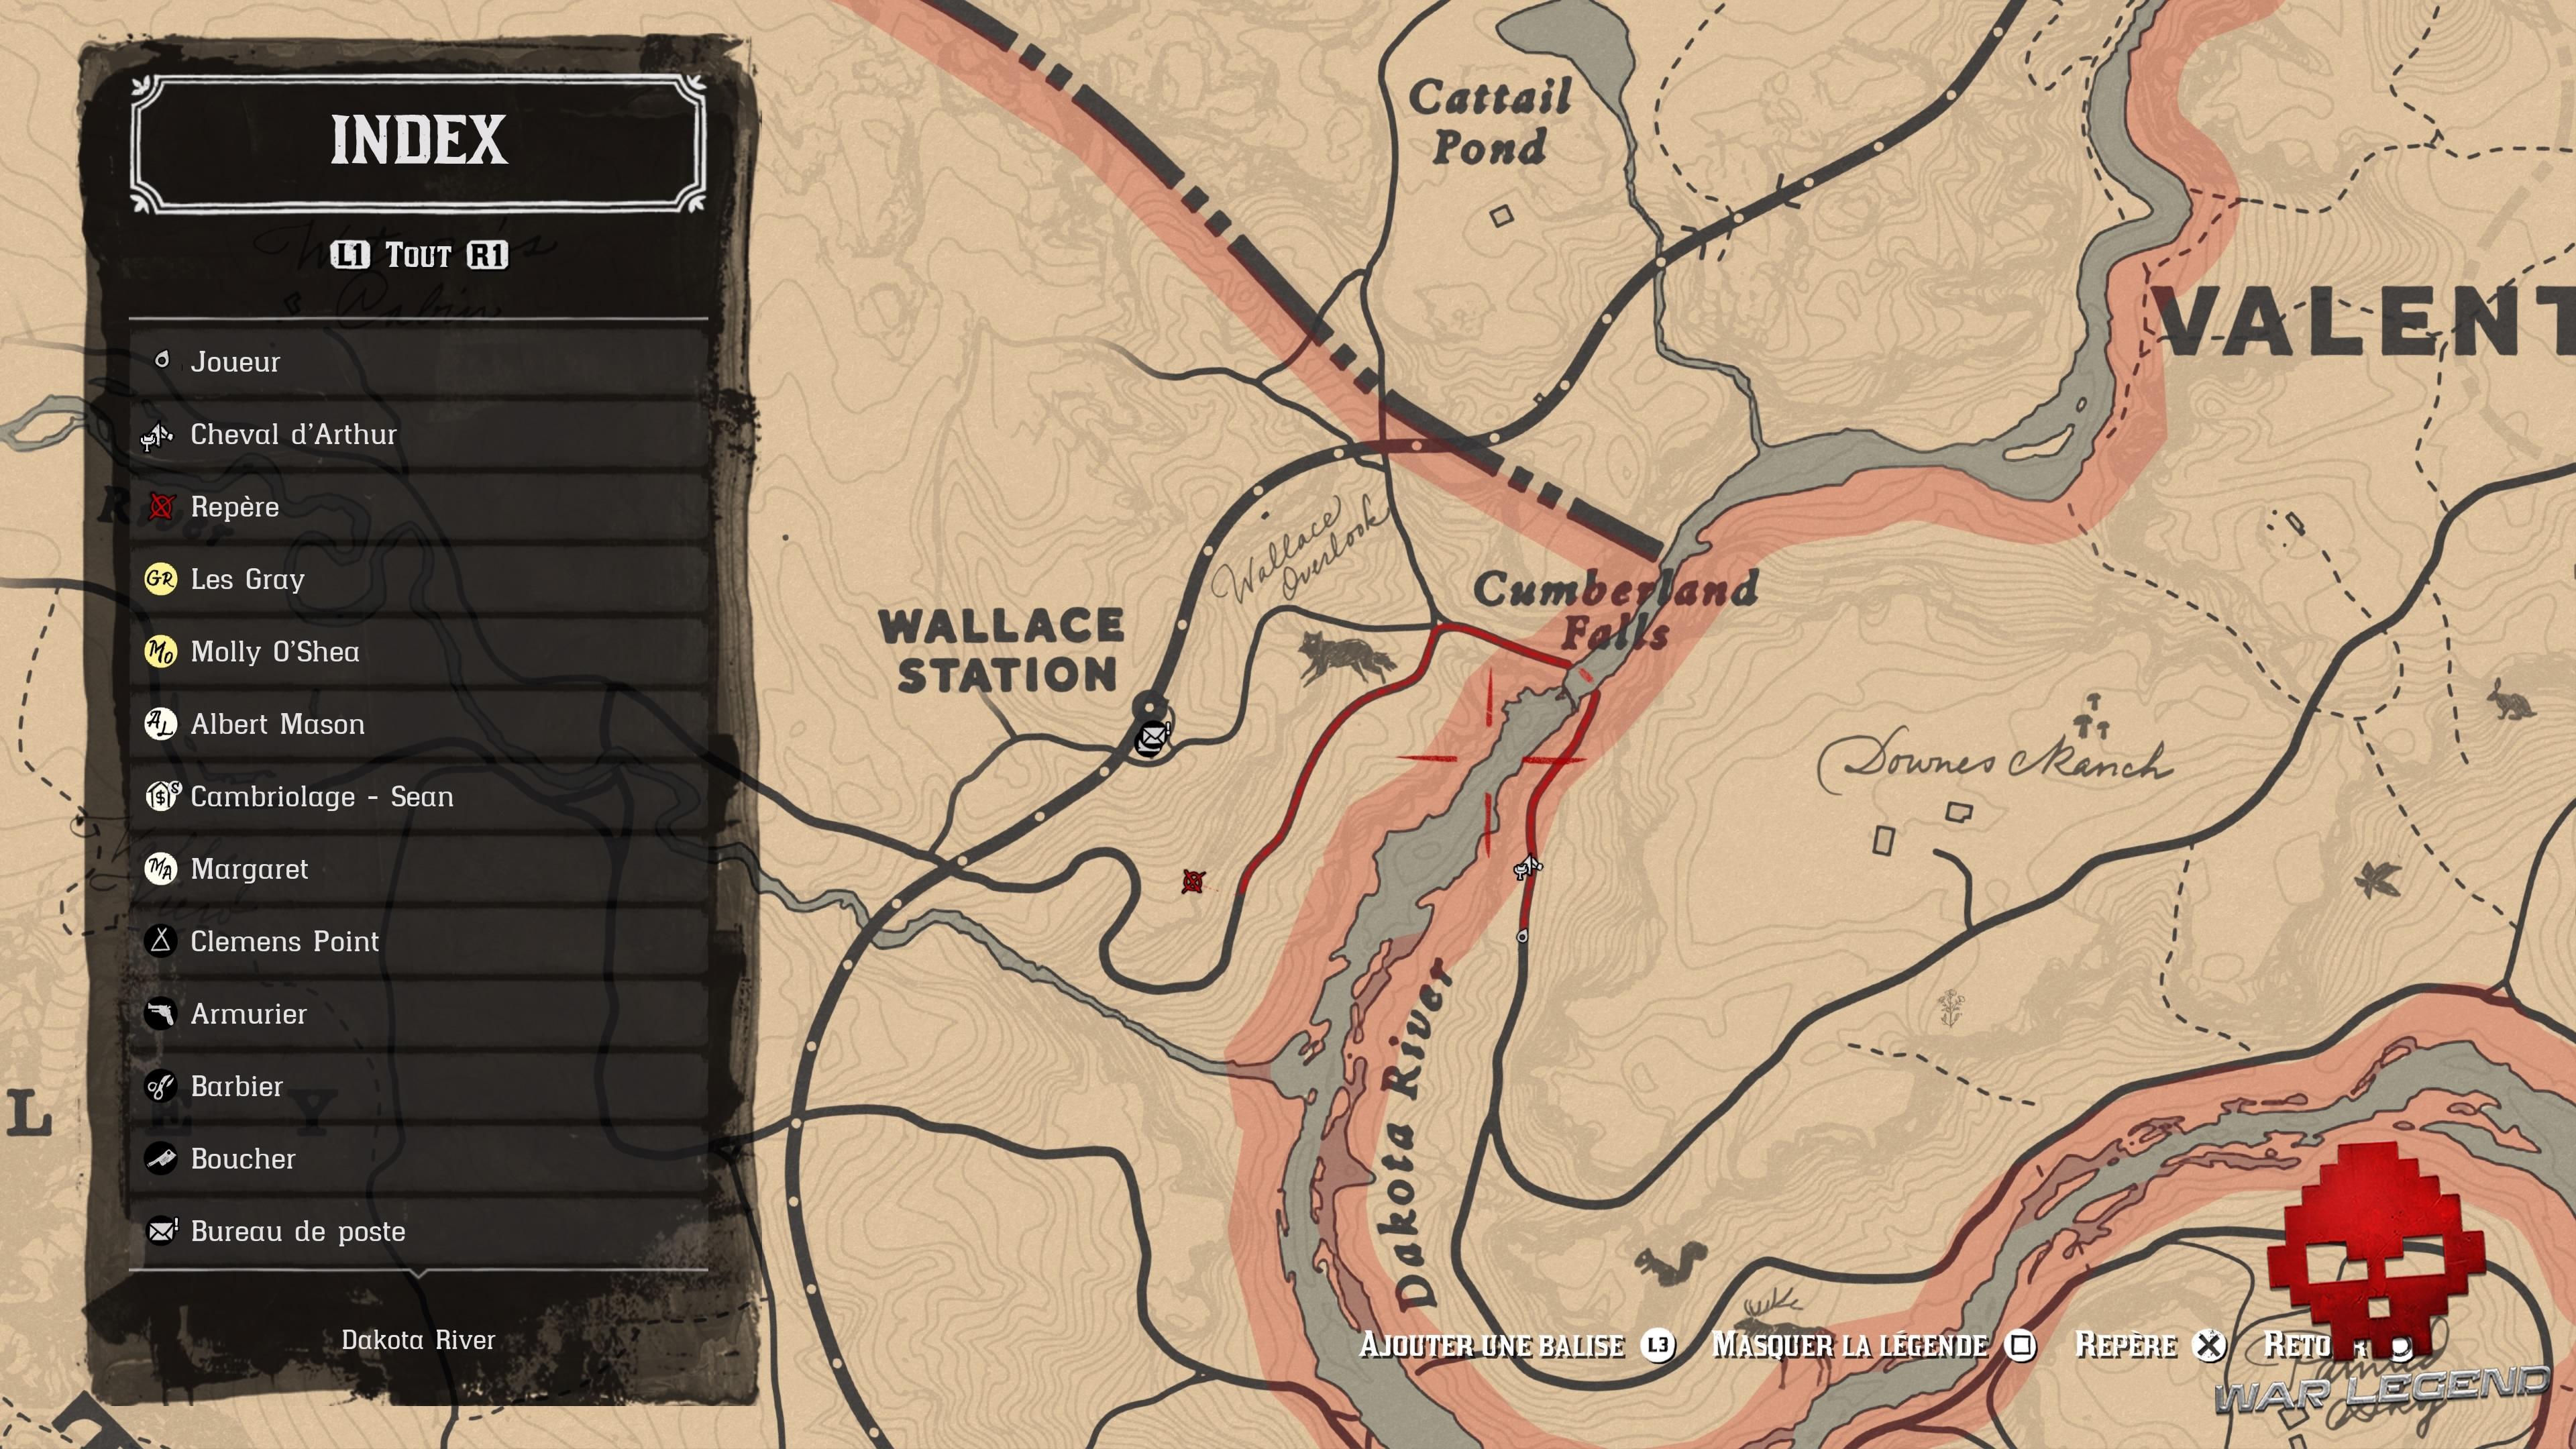 Soluce Red Dead Redemption 2 Le trésor à gros enjeux emplacement de la solution de la première partie de la carte au trésor à gros enjeux